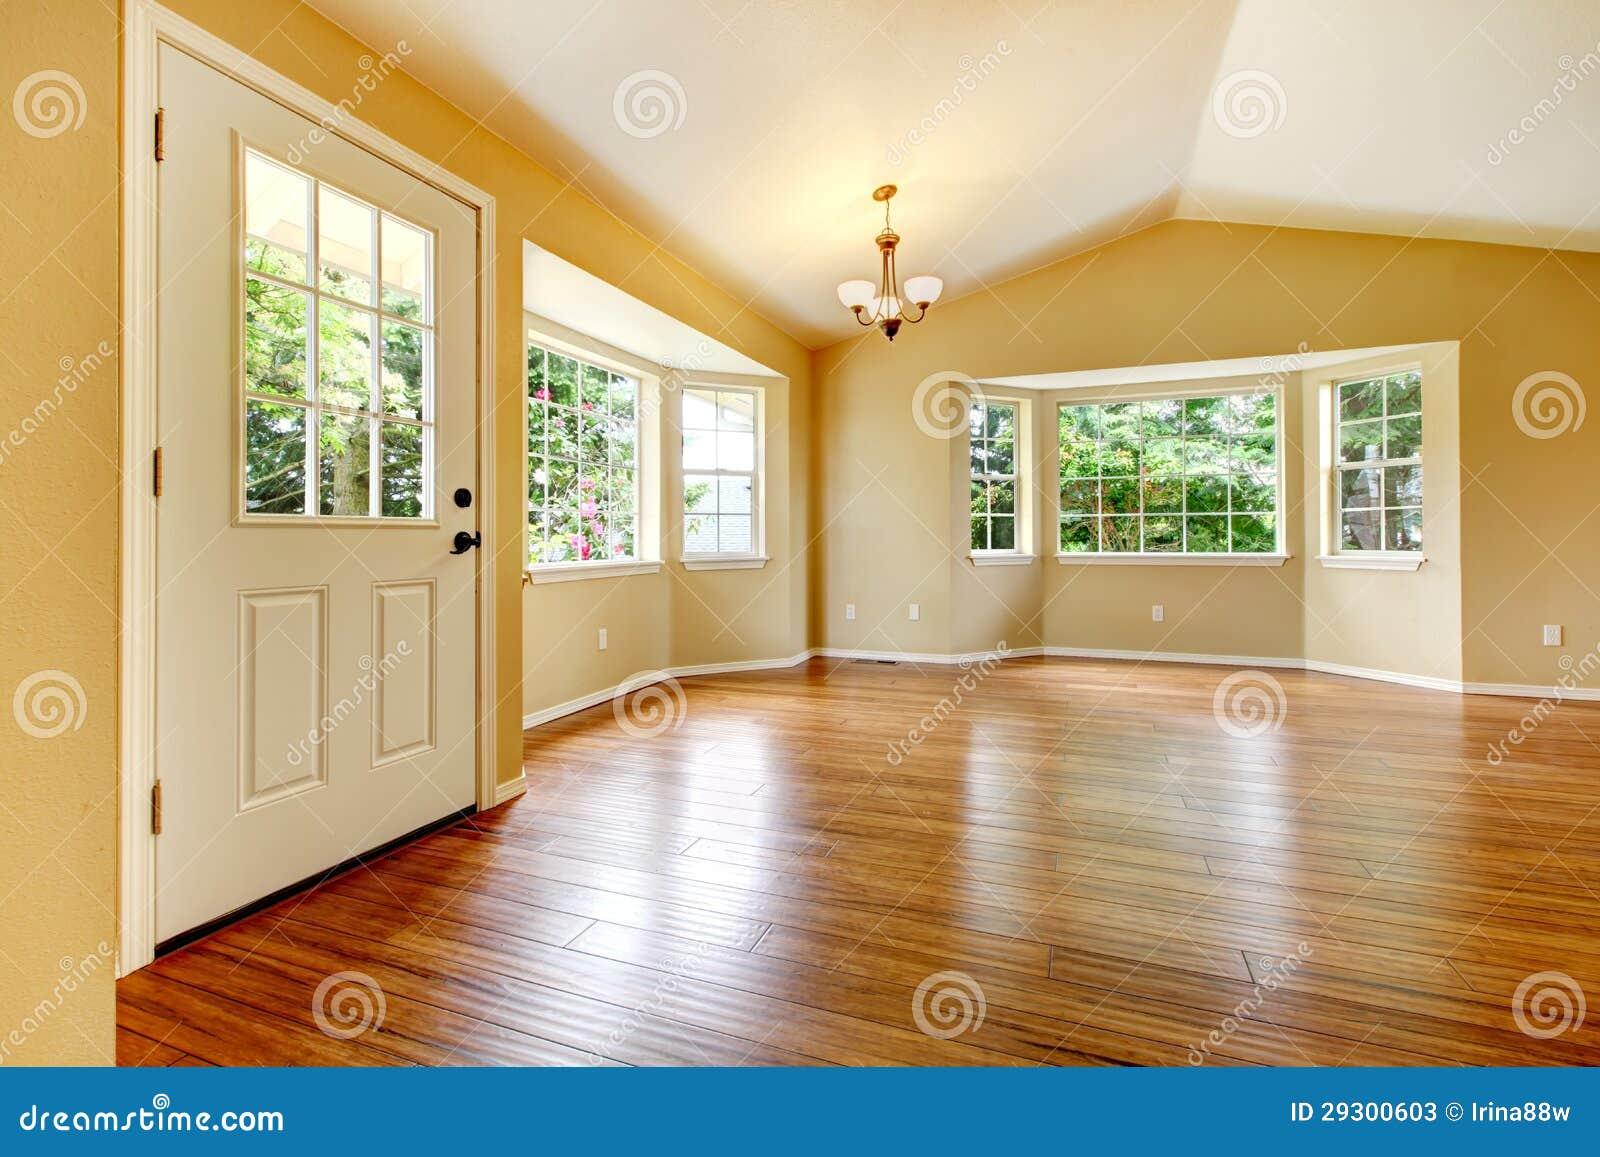 Stort töm nyligen omdanat vardagsrum med trä däckar.